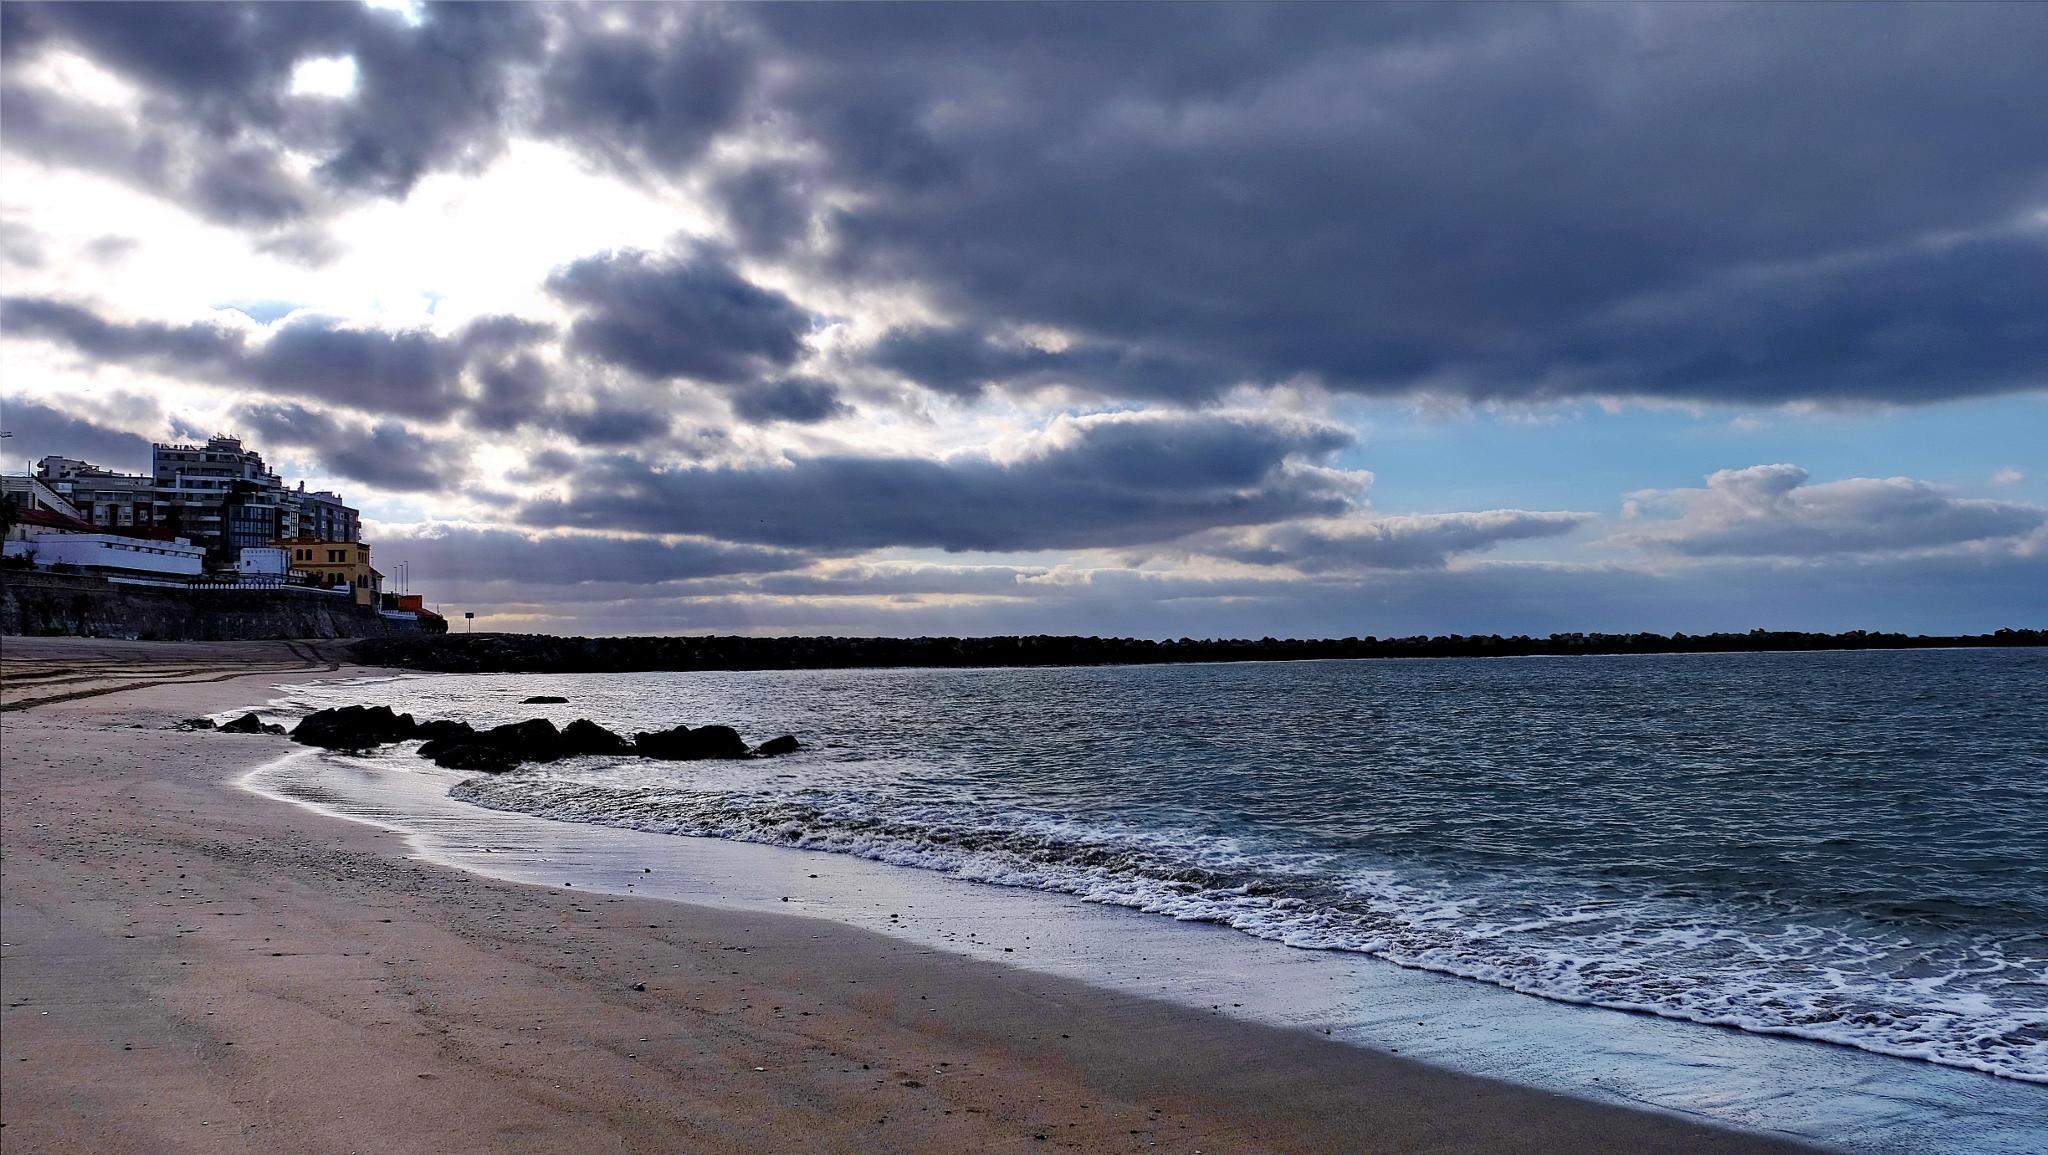 Verde suave, hasta llegar al mar by Joaqui GT